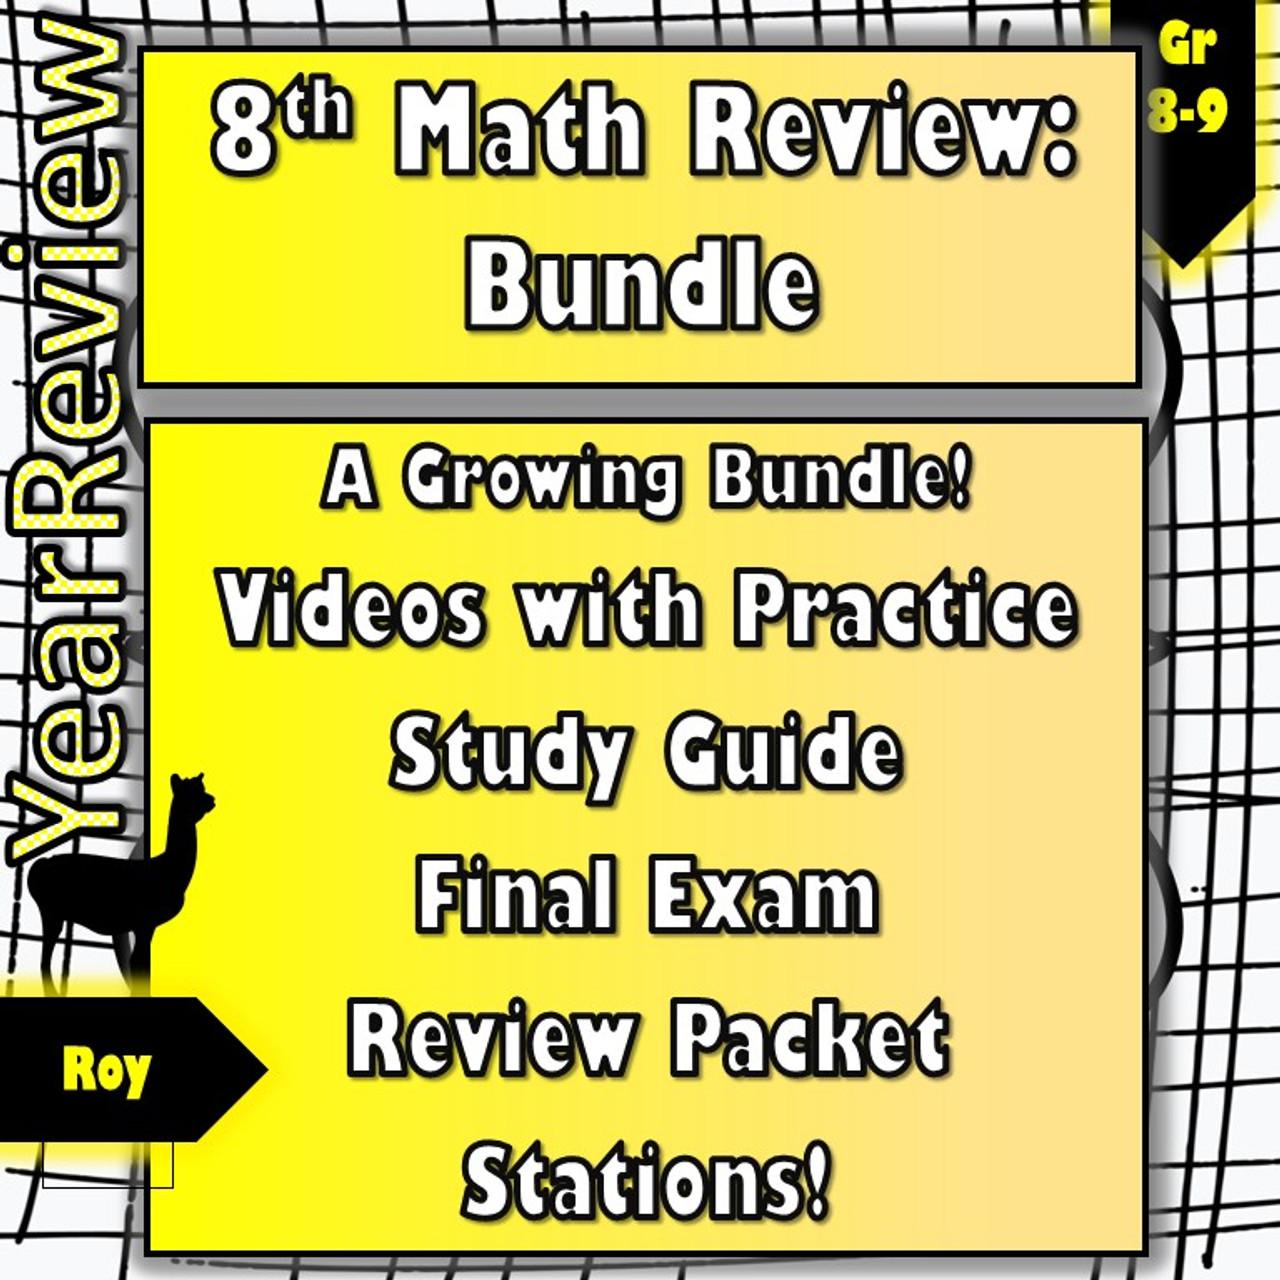 8th Math Review Bundle